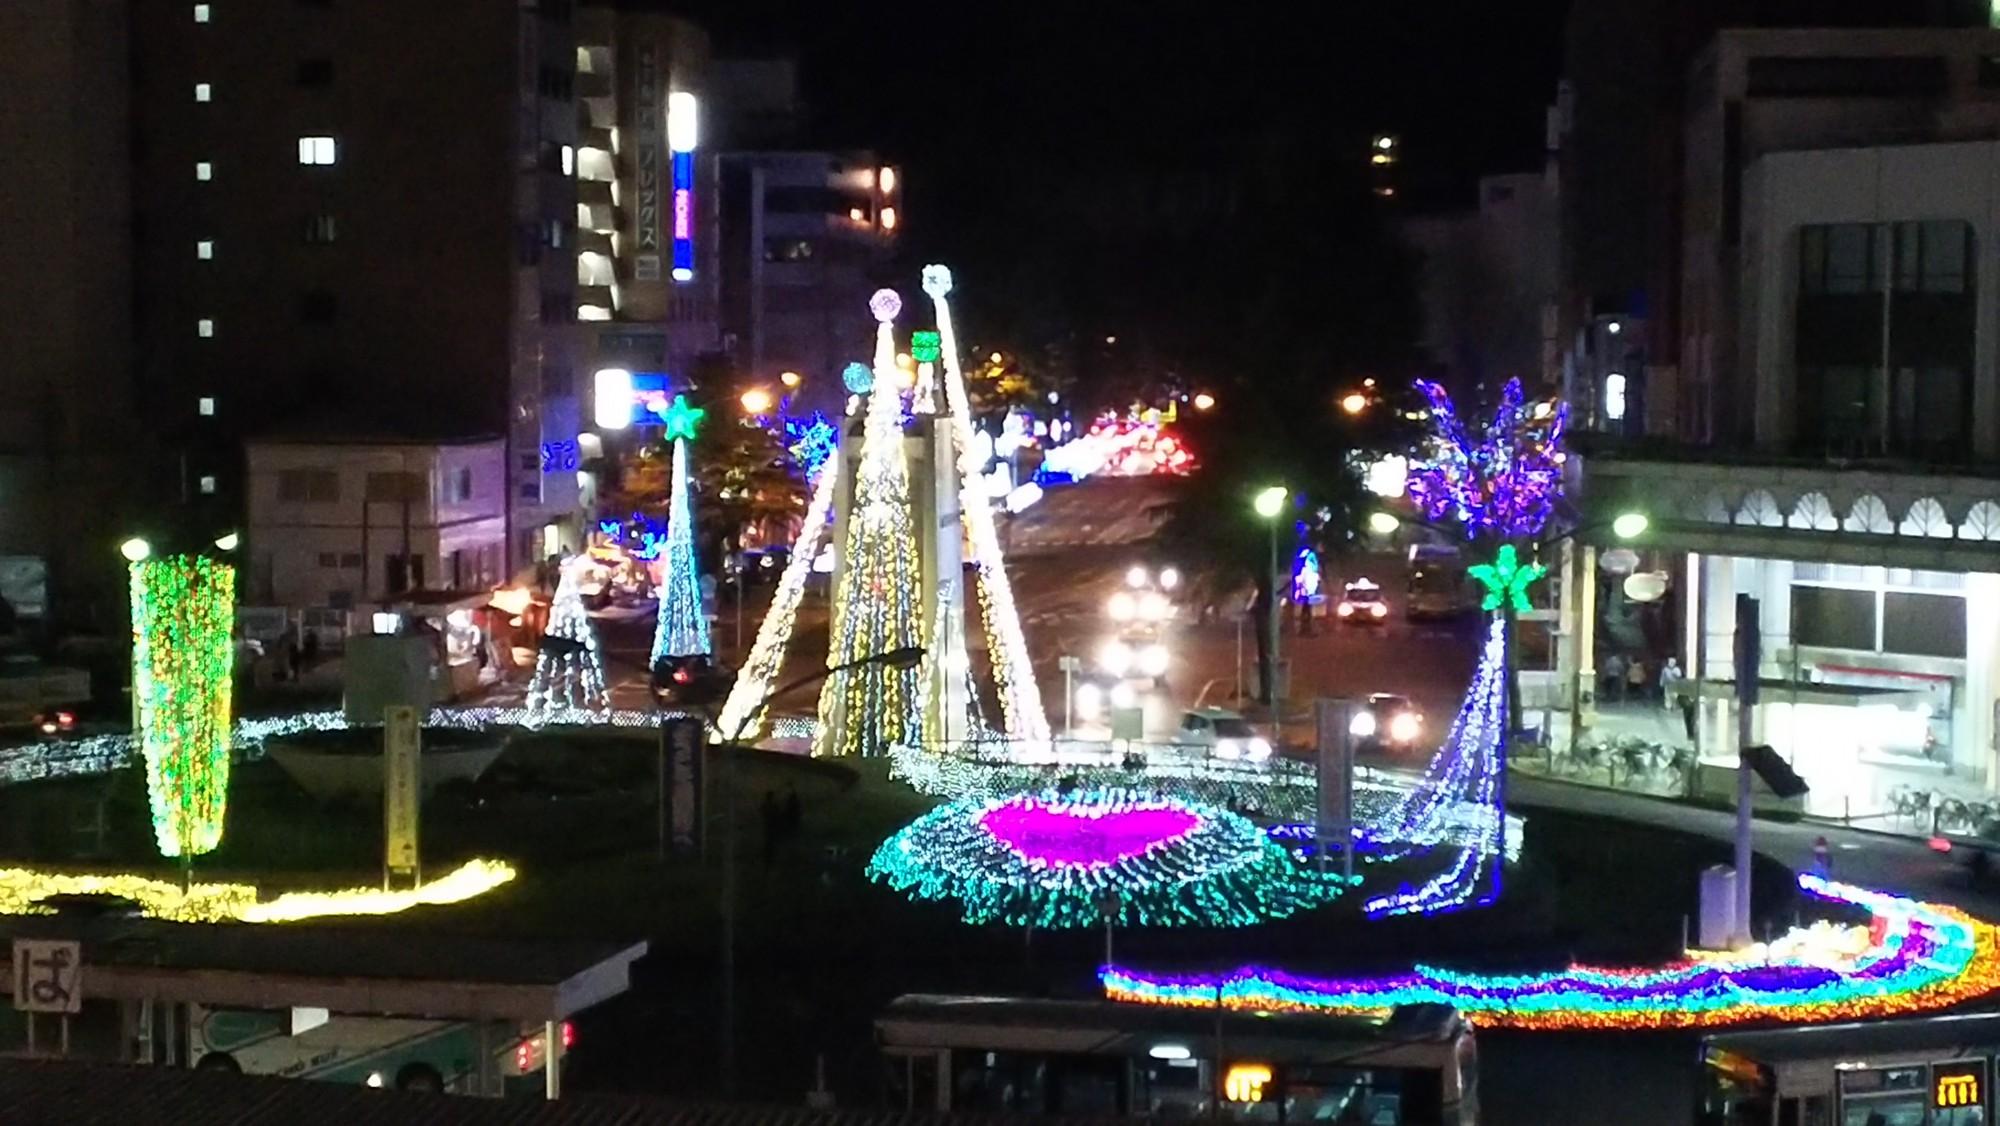 周南冬のツリーまつり~周南市駅前図書館からの風景~